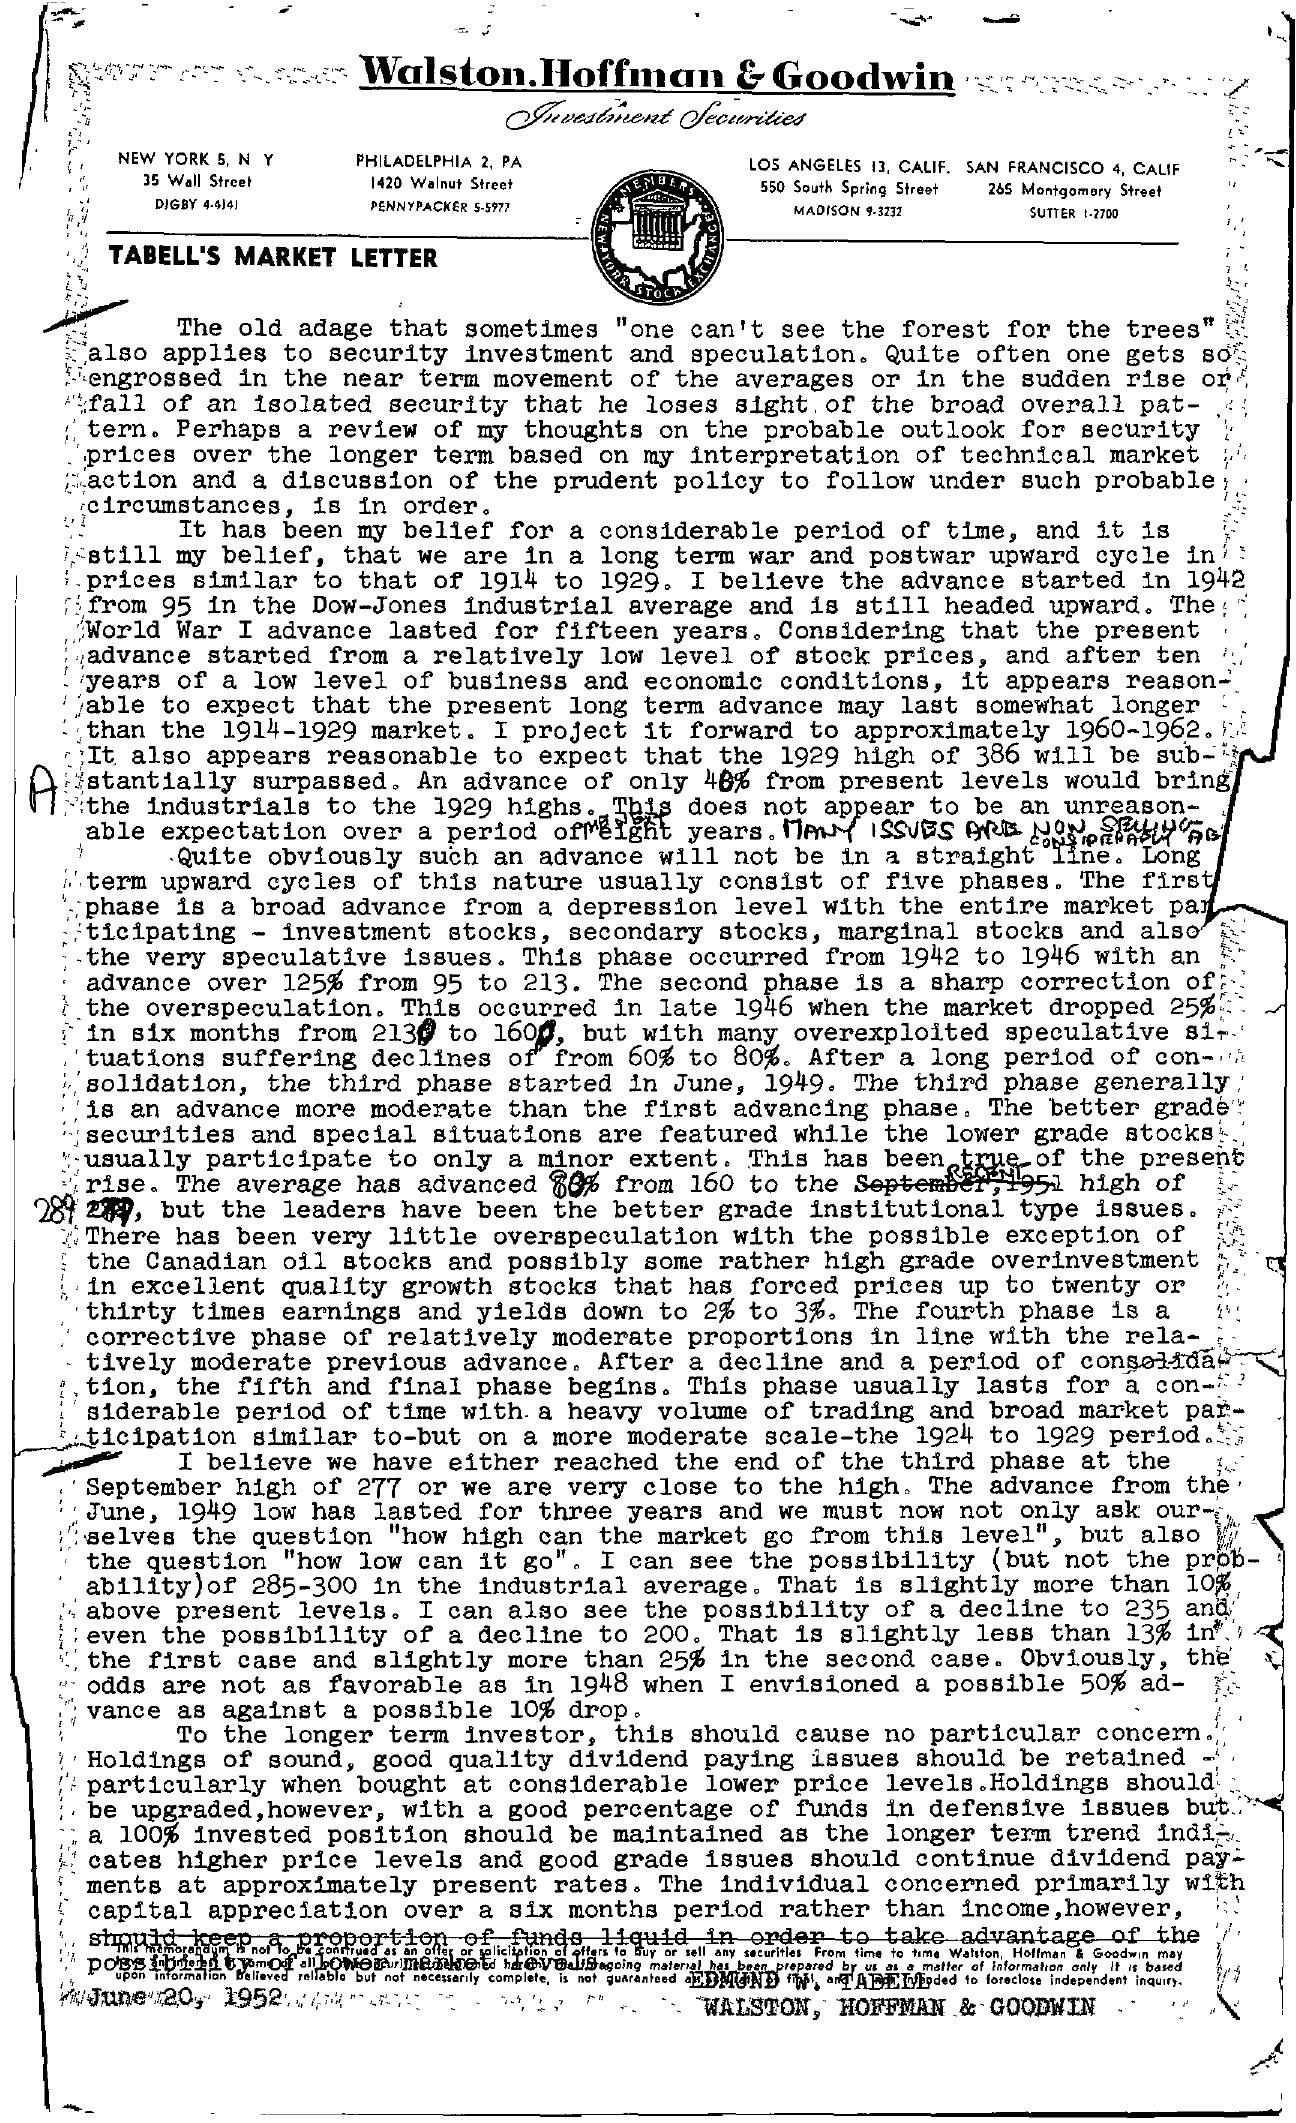 Tabell's Market Letter - June 20, 1952